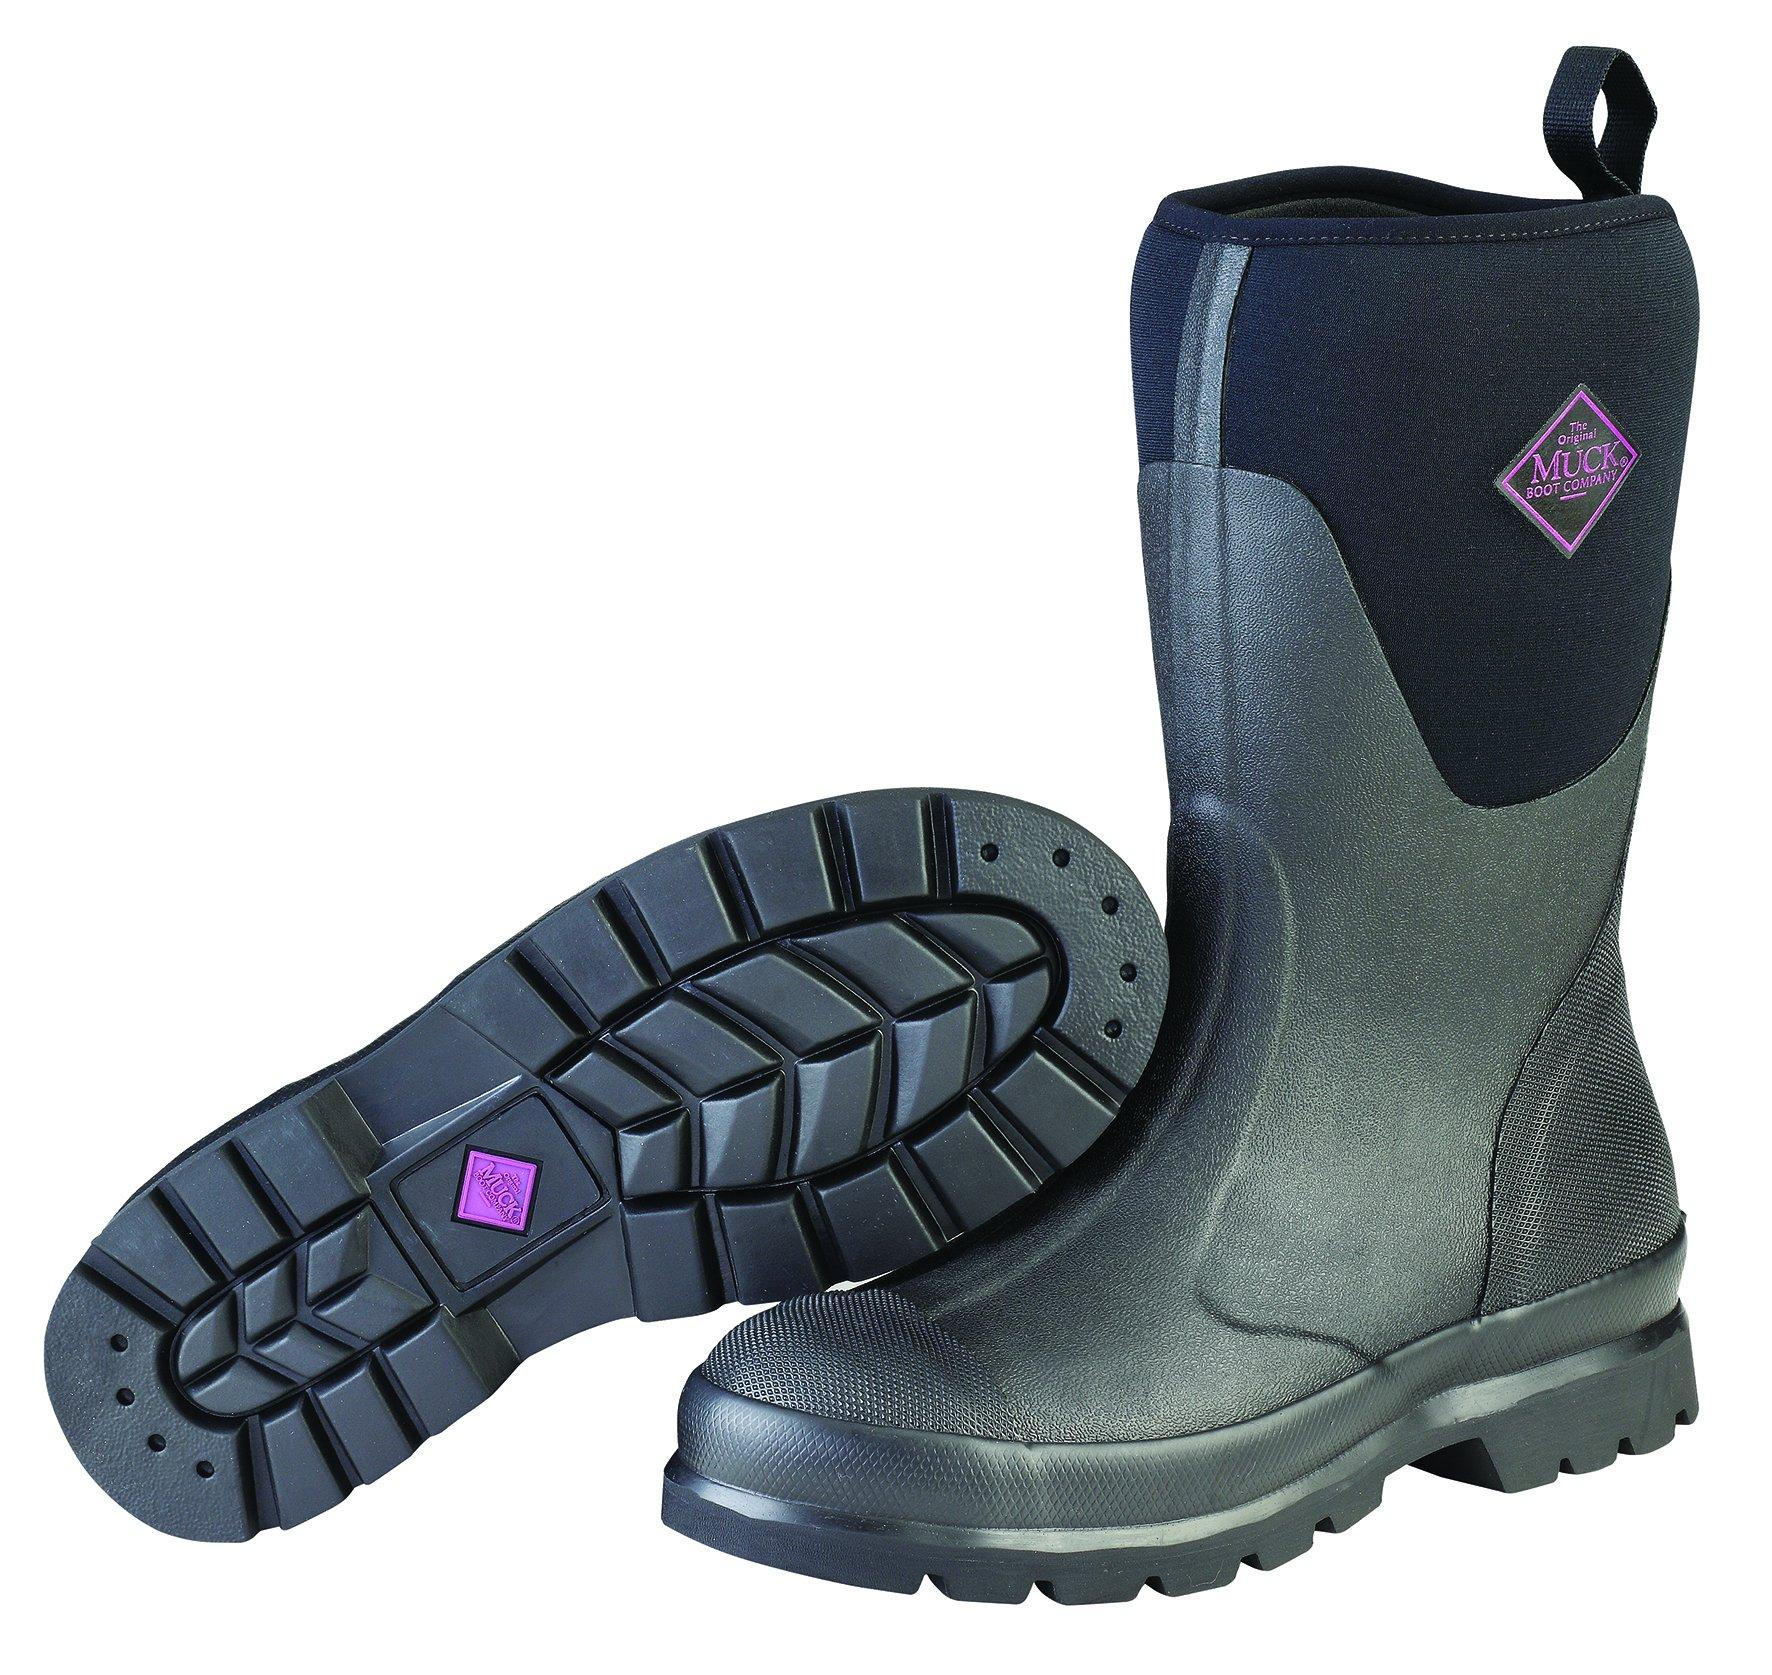 Muck Chore Rubber Womens Boots